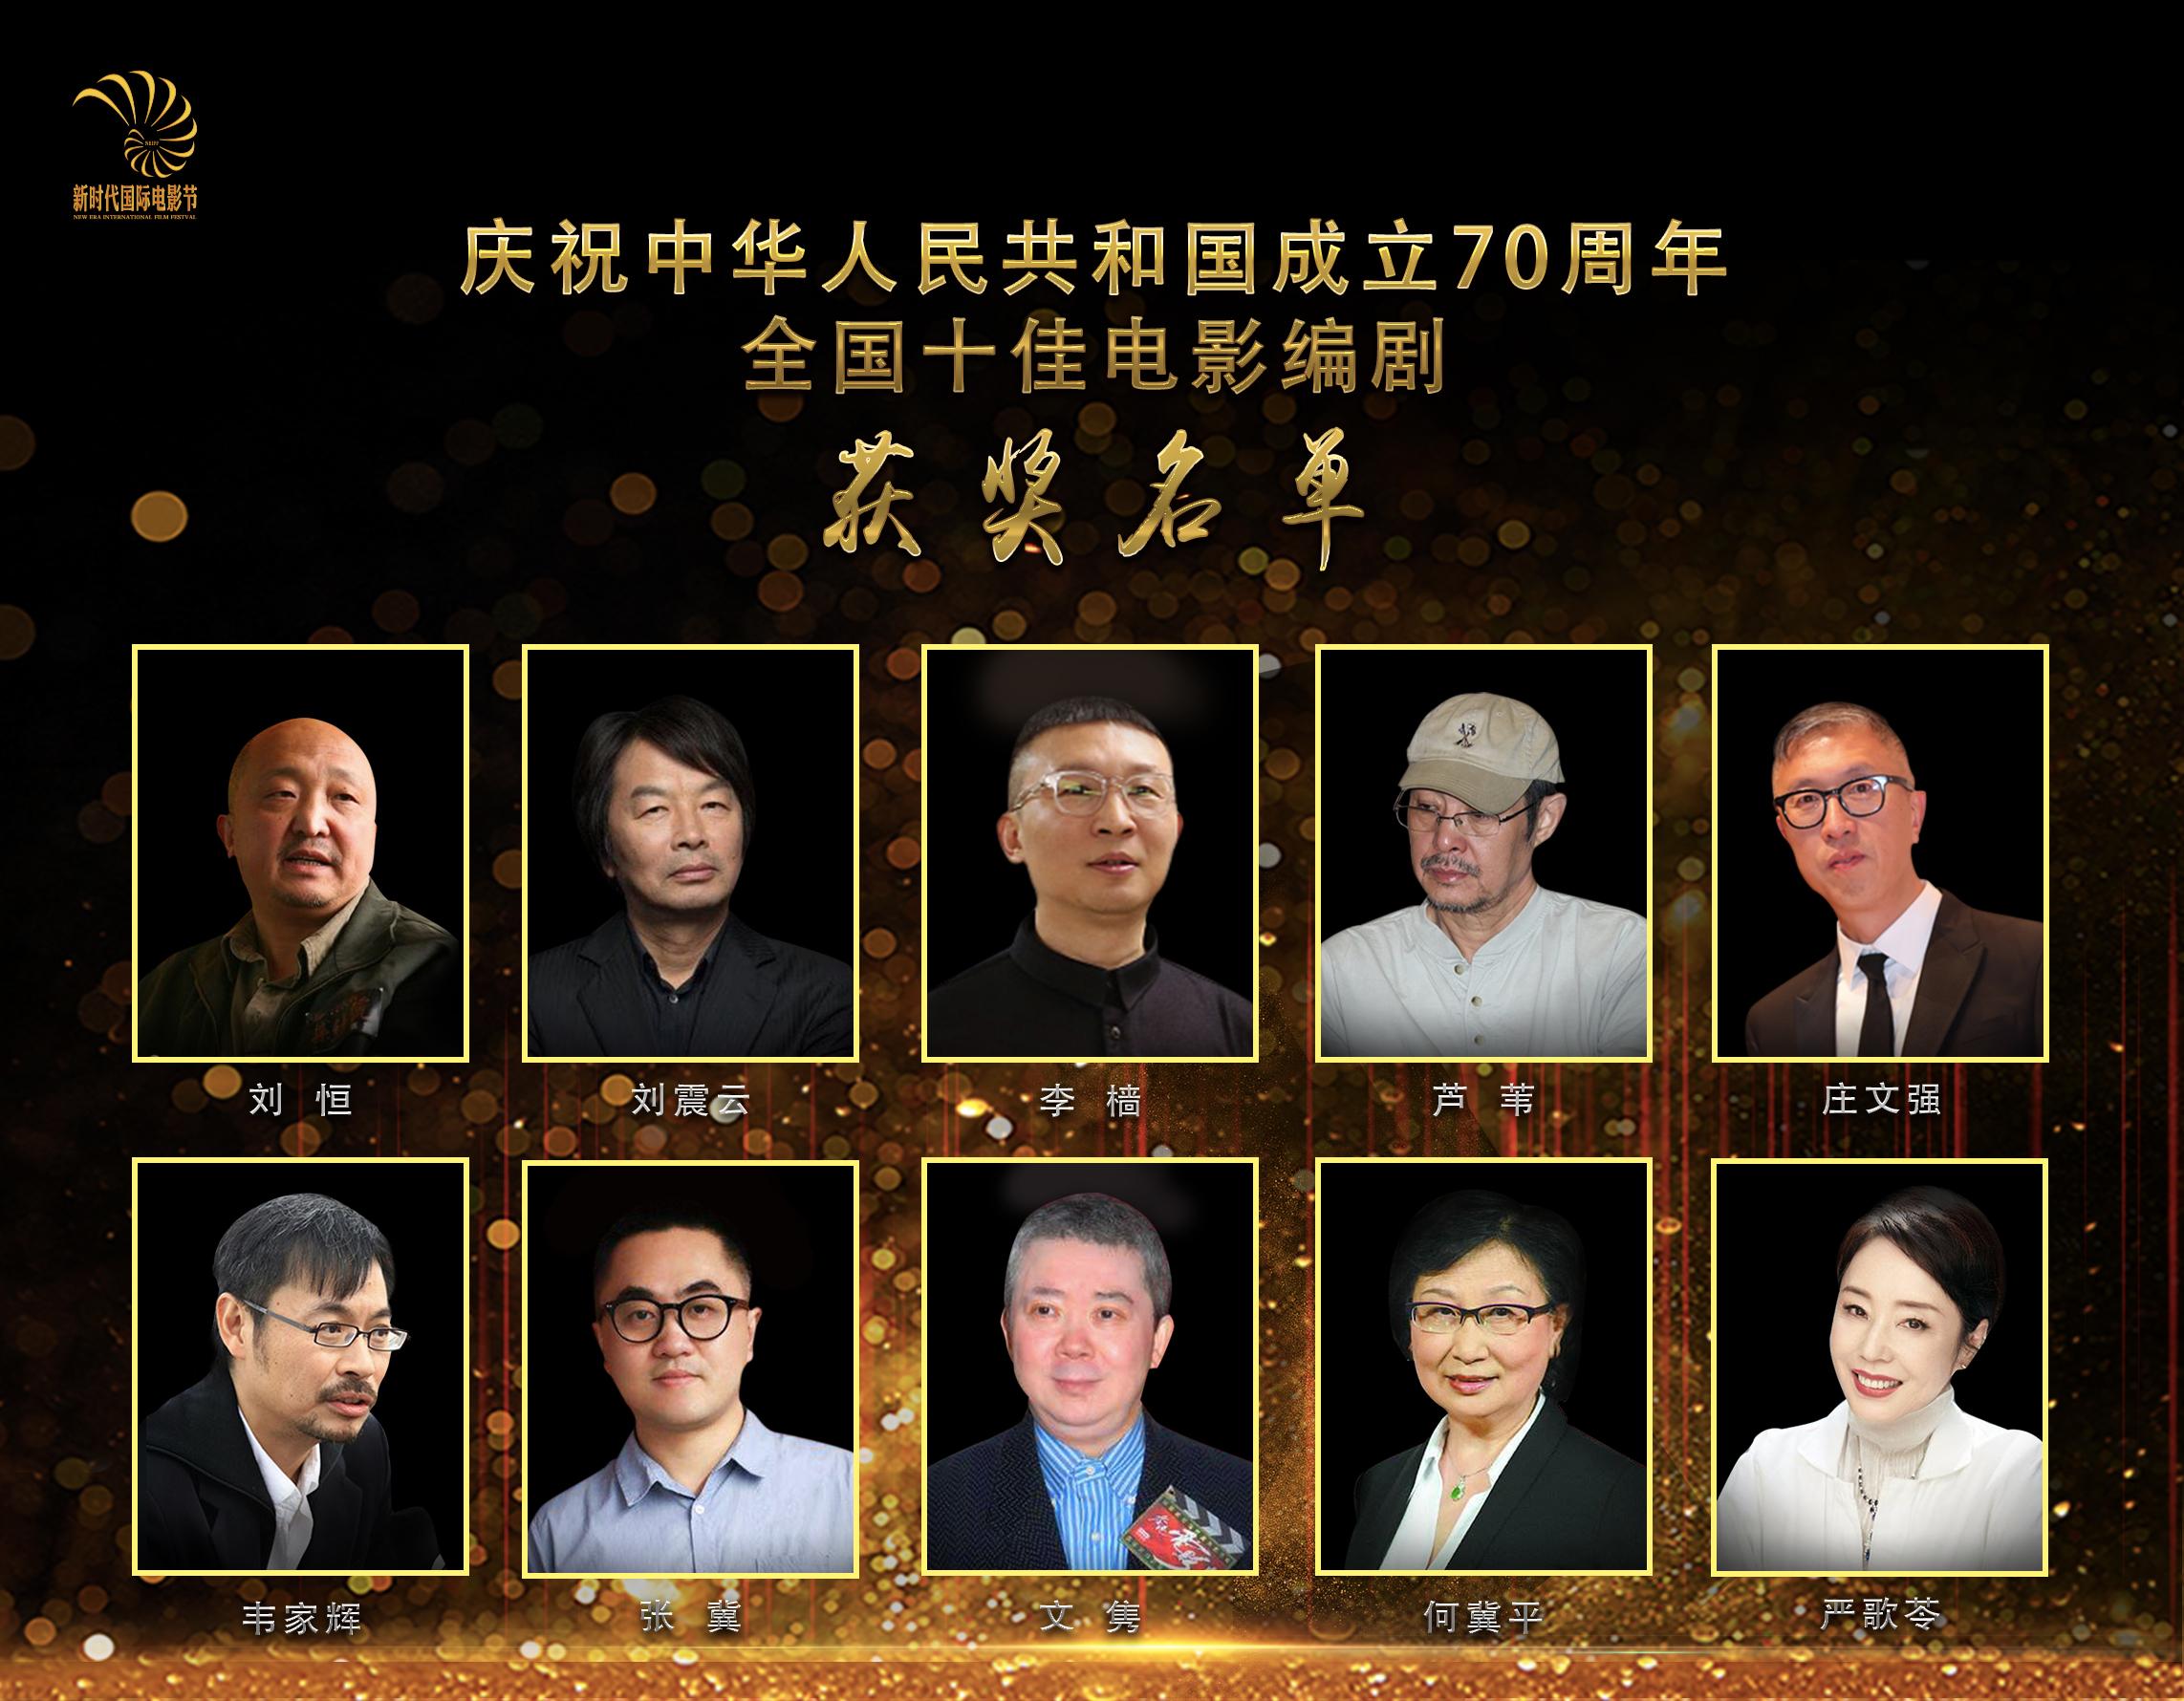 新时代国际电影节十佳电影编剧揭晓,刘恒严歌苓文隽等获奖